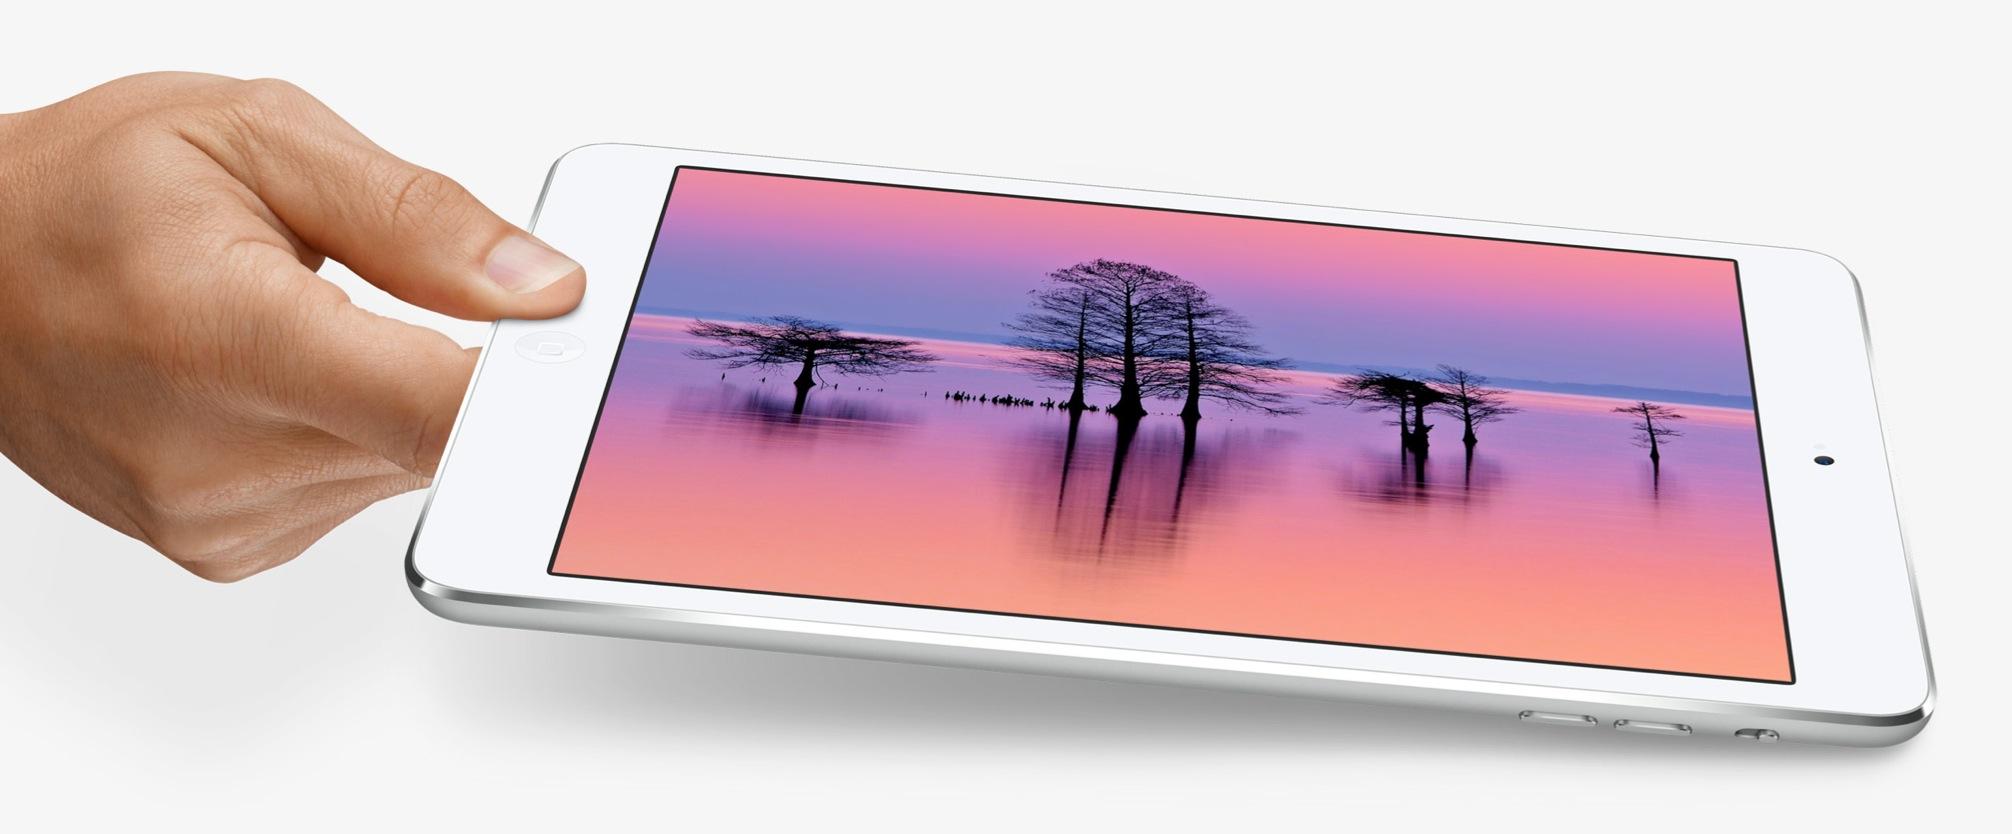 apple ipad mini mit retina display vorgestellt. Black Bedroom Furniture Sets. Home Design Ideas